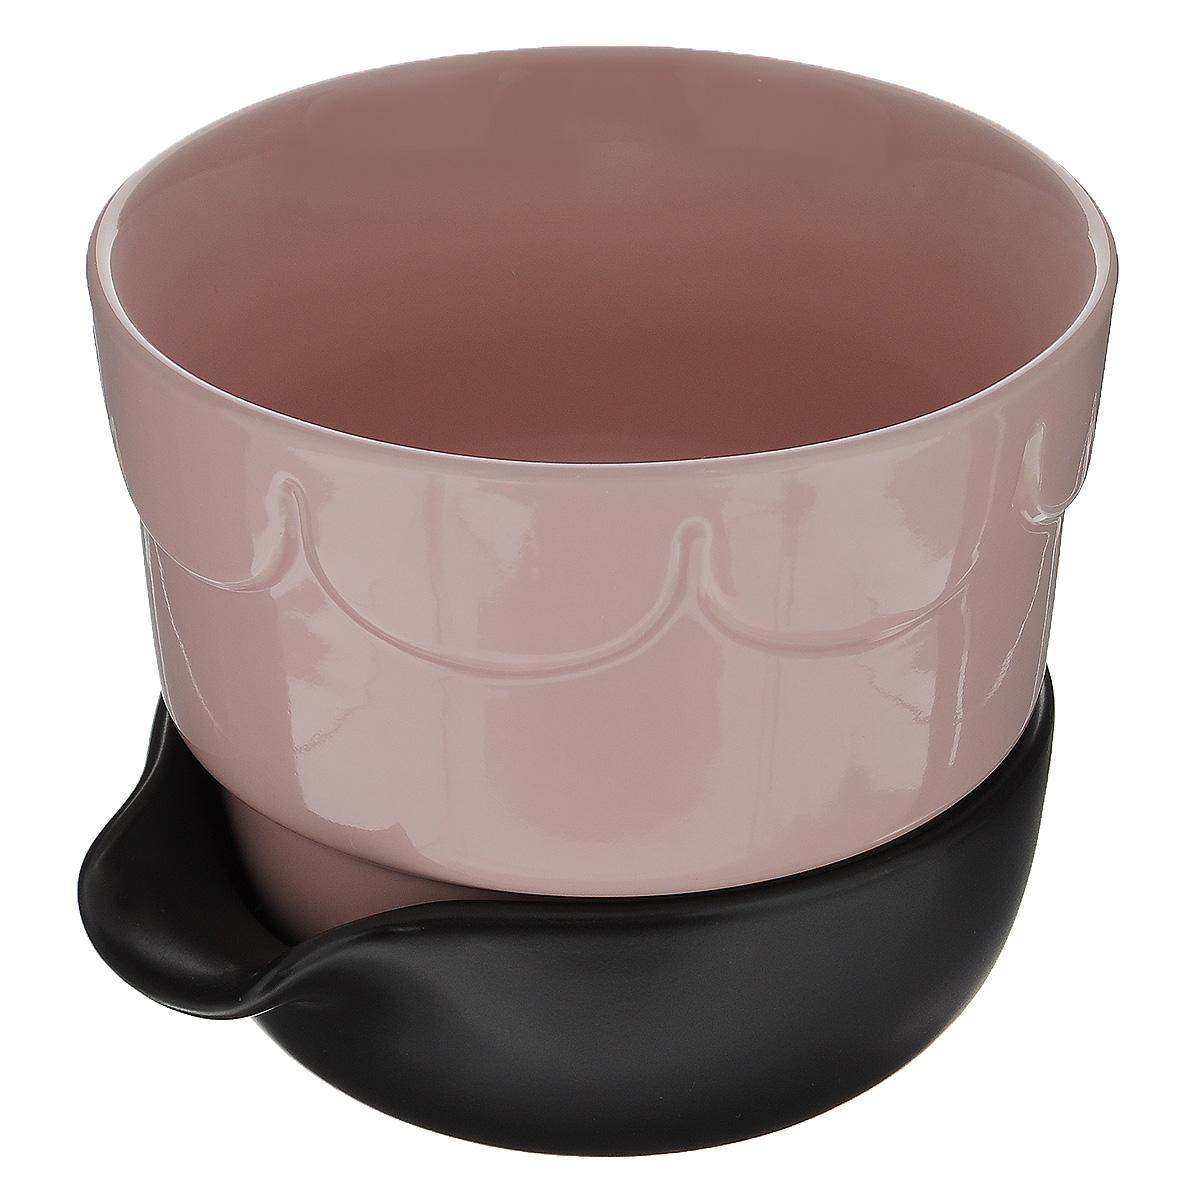 Горшок для цветов Sagaform, с поддоном, цвет: бледно-розовый, коричневый, диаметр 13,5 см1671695Цветочный горшок Sagaform с поддоном выполнен из высококачественной керамики и предназначен для выращивания в нем цветов, растений и трав. Поддон обеспечивает систему прикорневого полива, которая способствует вентиляции и дренажу корневой системы растения. Такой горшок порадует вас современным дизайном и функциональностью, а также оригинально украсит интерьер помещения.Диаметр по верхнему краю: 13,5 см.Высота горшка: 11 см.Диаметр поддона: 12 см.